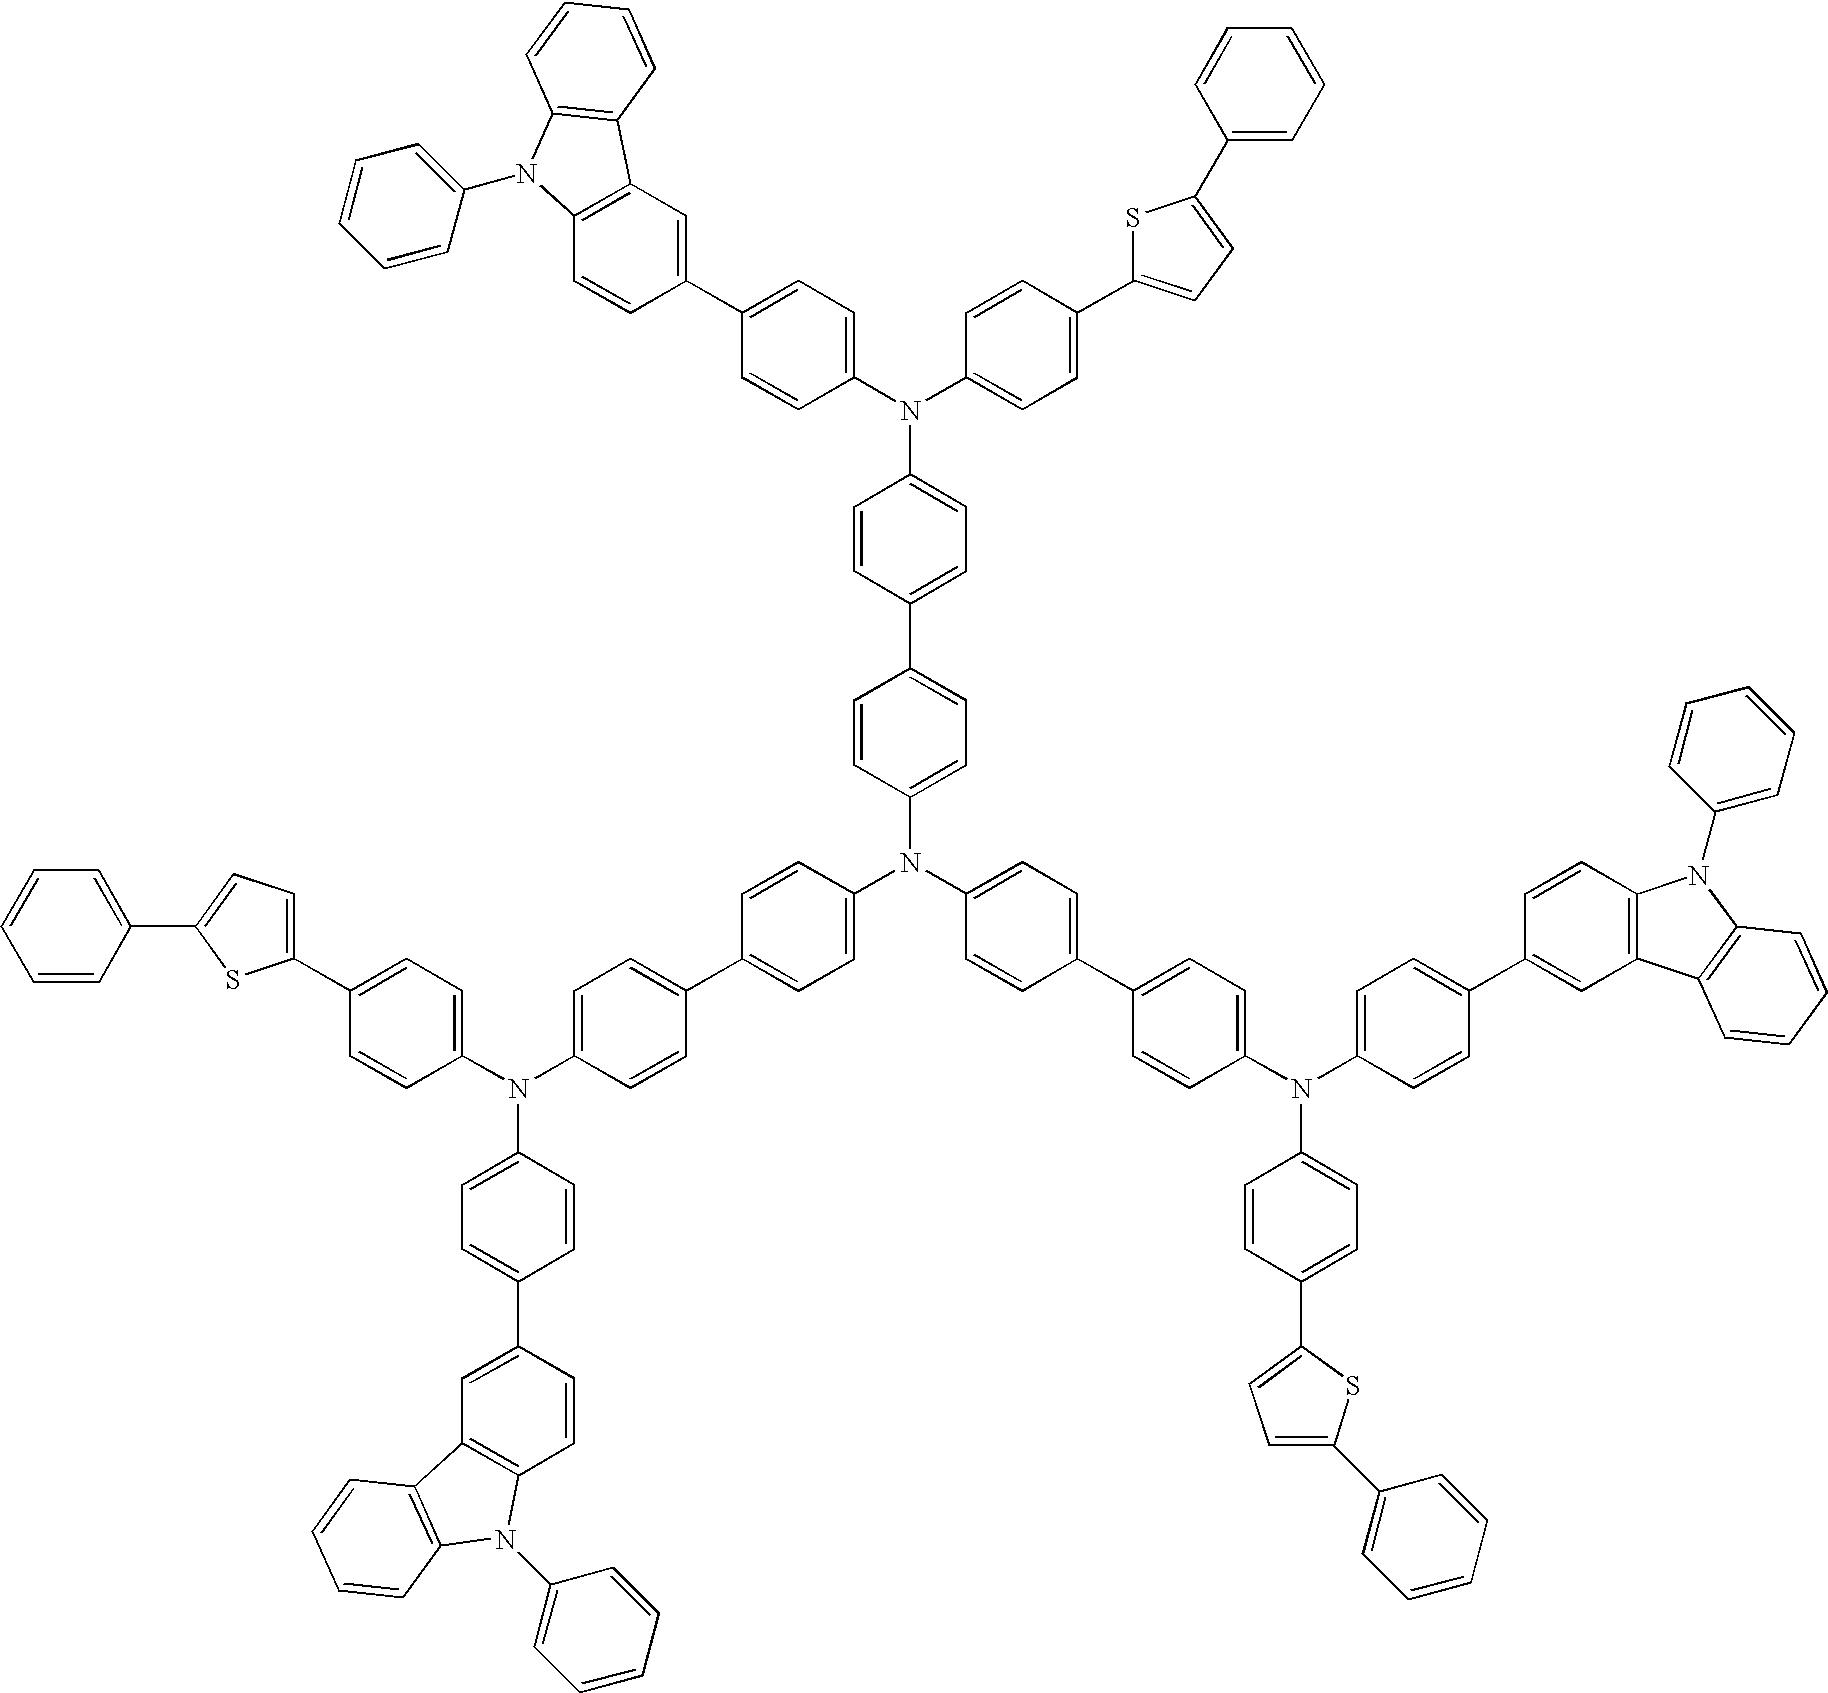 Figure US20090066235A1-20090312-C00059